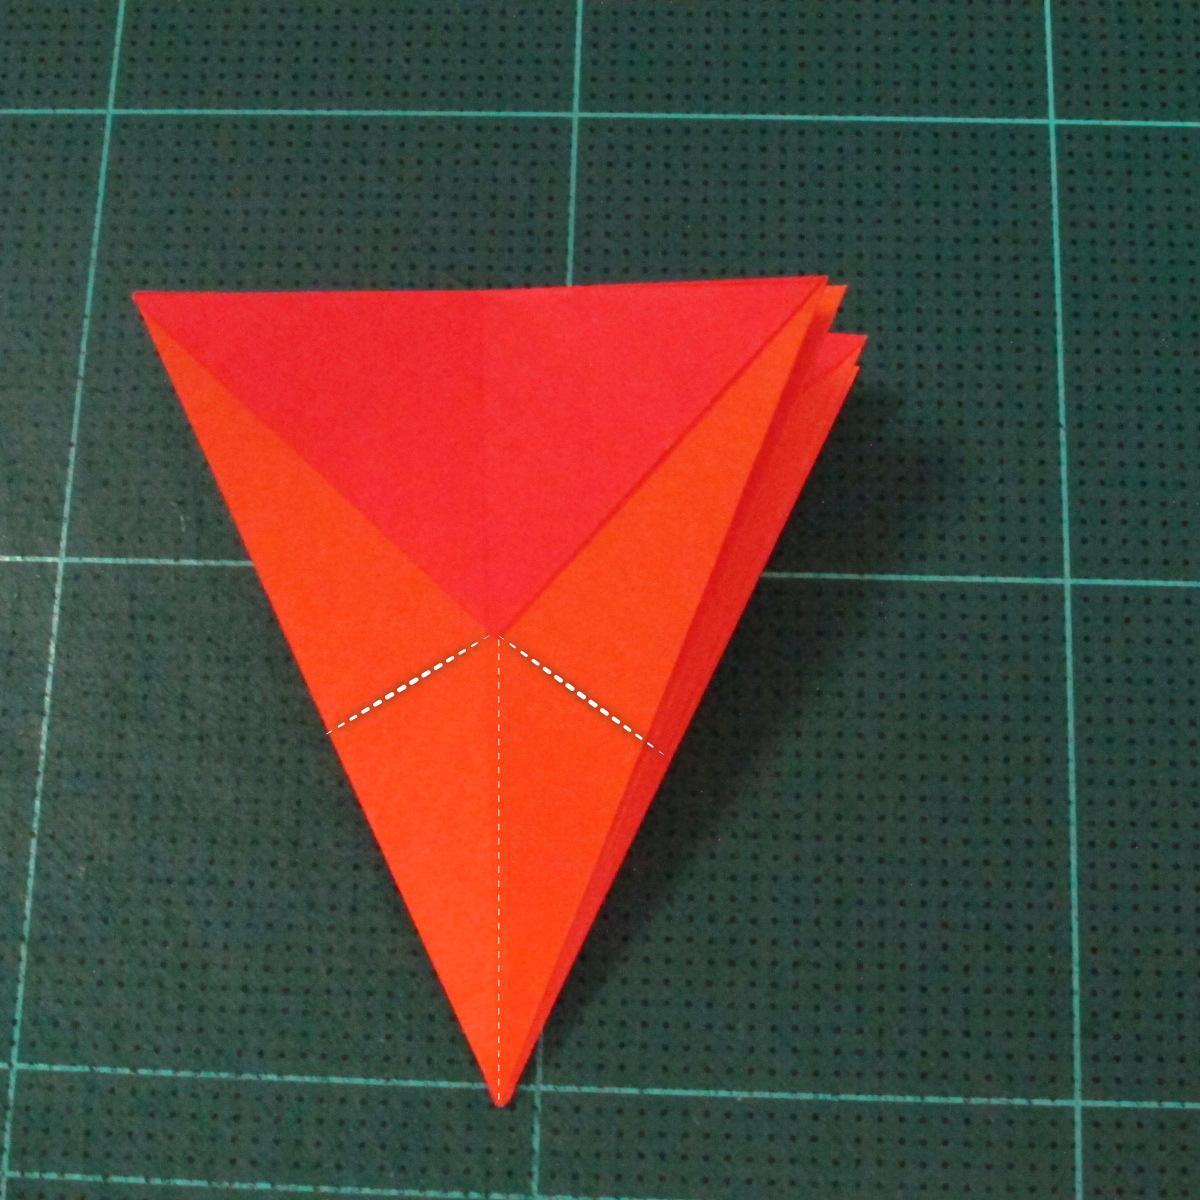 วิธีพับกระดาษเป็นช่อดอกไม้ติดอกเสื้อ (Origami Wedding Chest Flower) 013